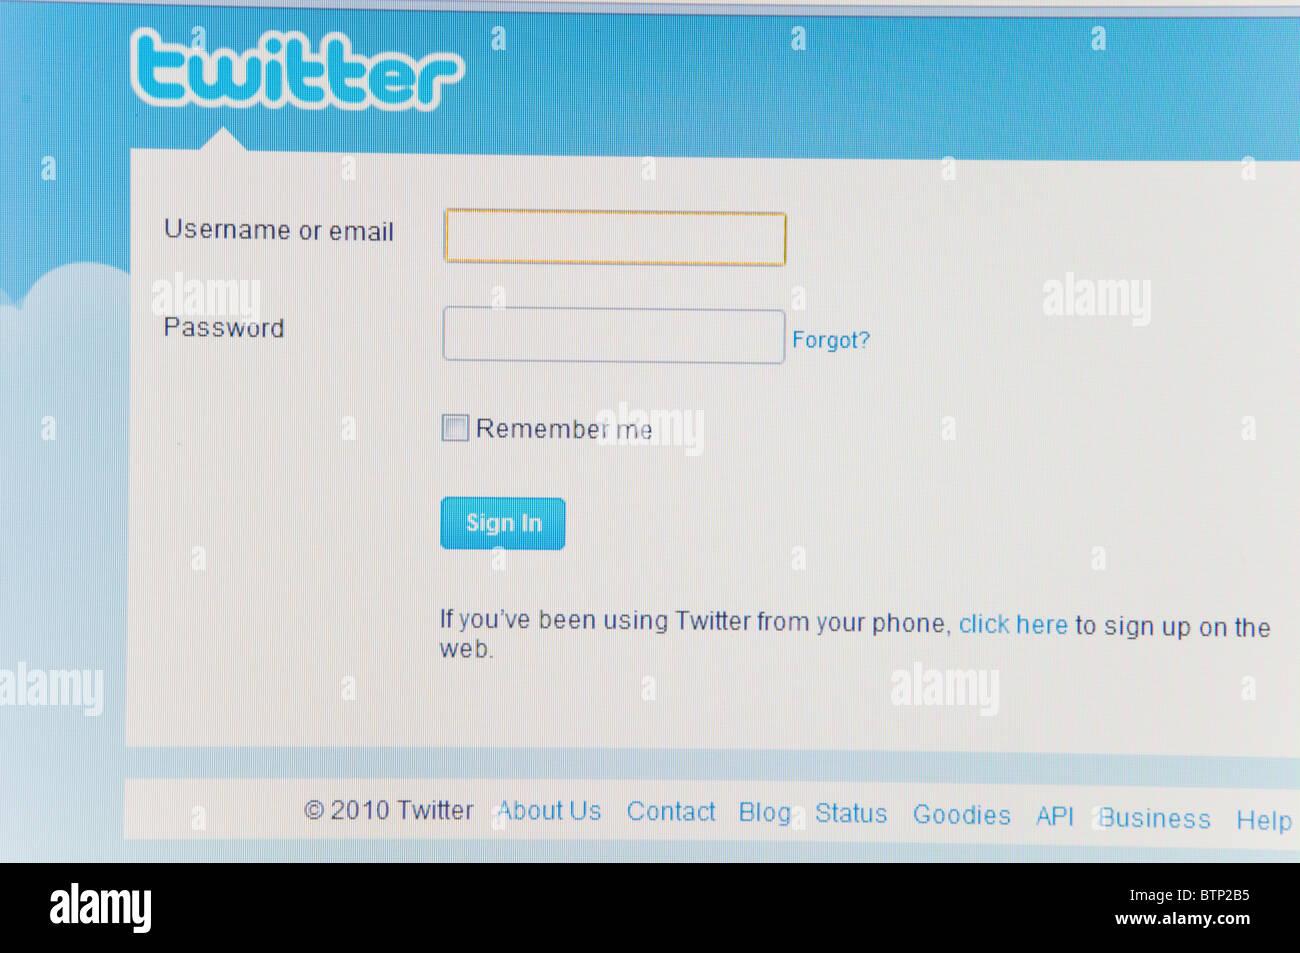 Twitter Screen Shot Stock Photos & Twitter Screen Shot Stock